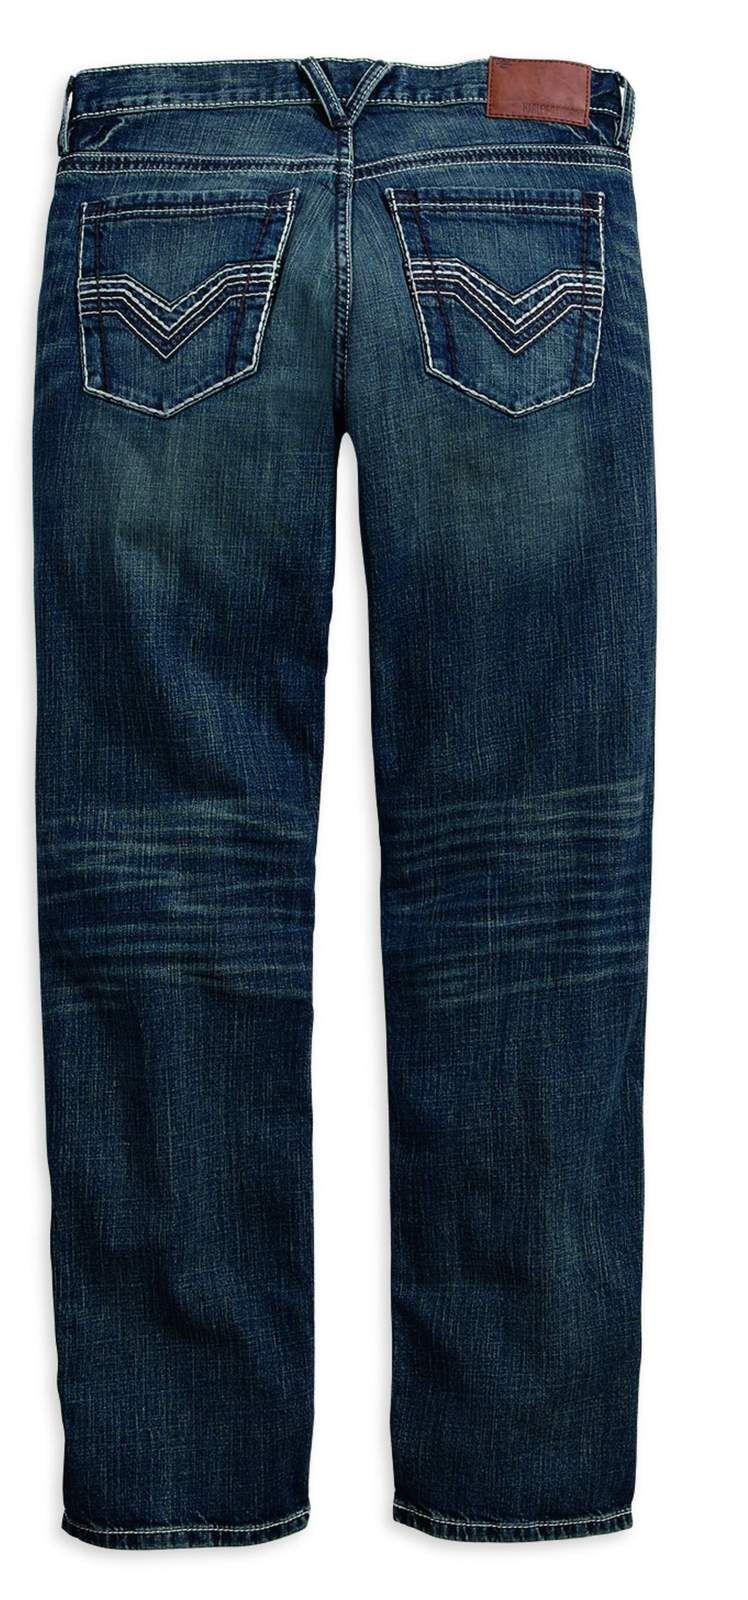 99030 16vm 4030 harley davidson straight leg fit modern jeans indigo 40 30 at thunderbike shop. Black Bedroom Furniture Sets. Home Design Ideas